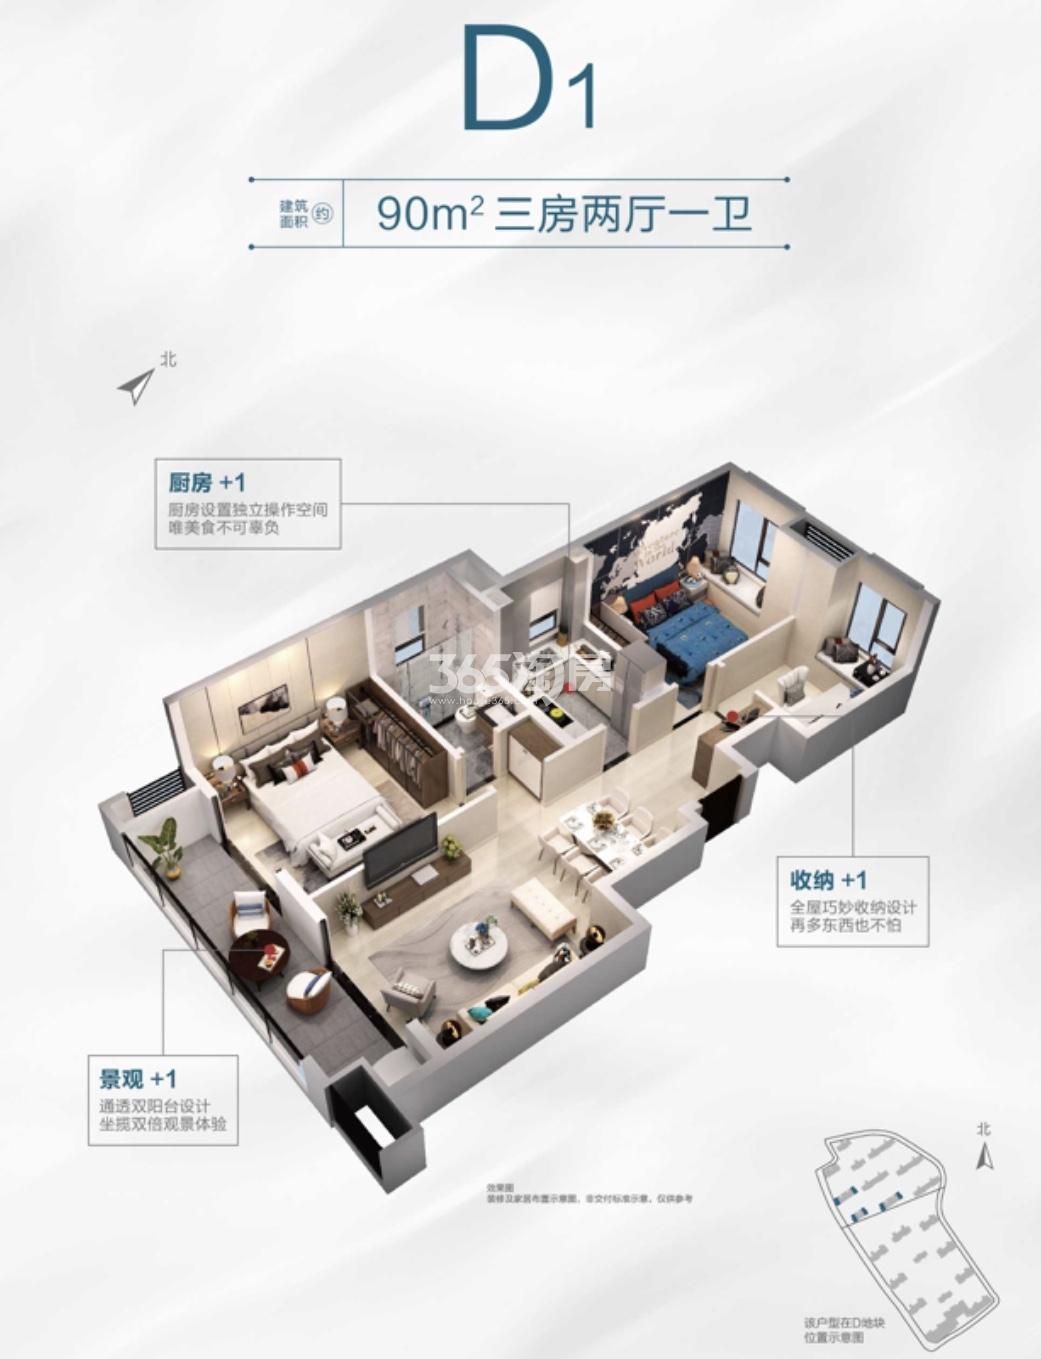 华侨城翡翠天域D1户型90㎡户型图